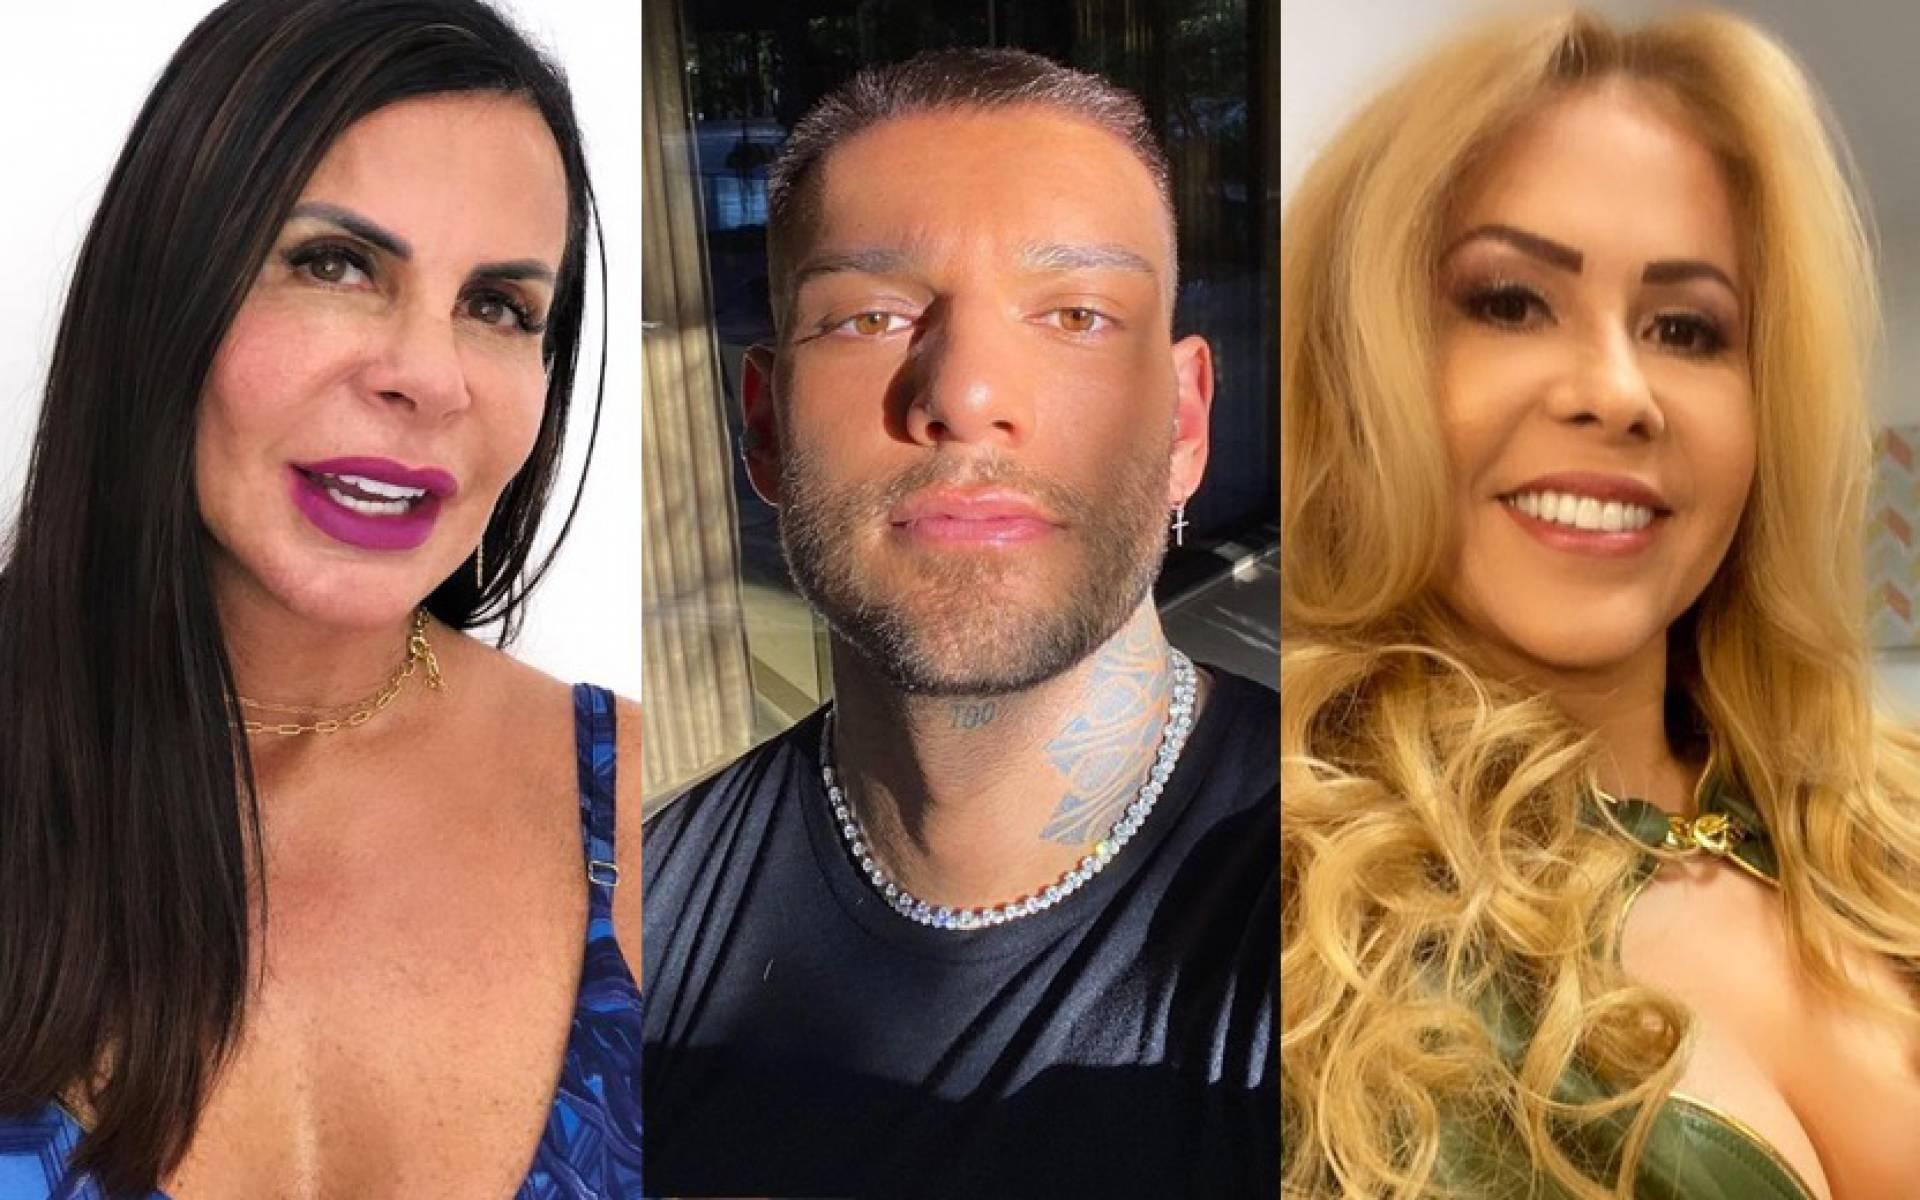 Confira o antes e depois dos famosos que fizeram harmonização facial